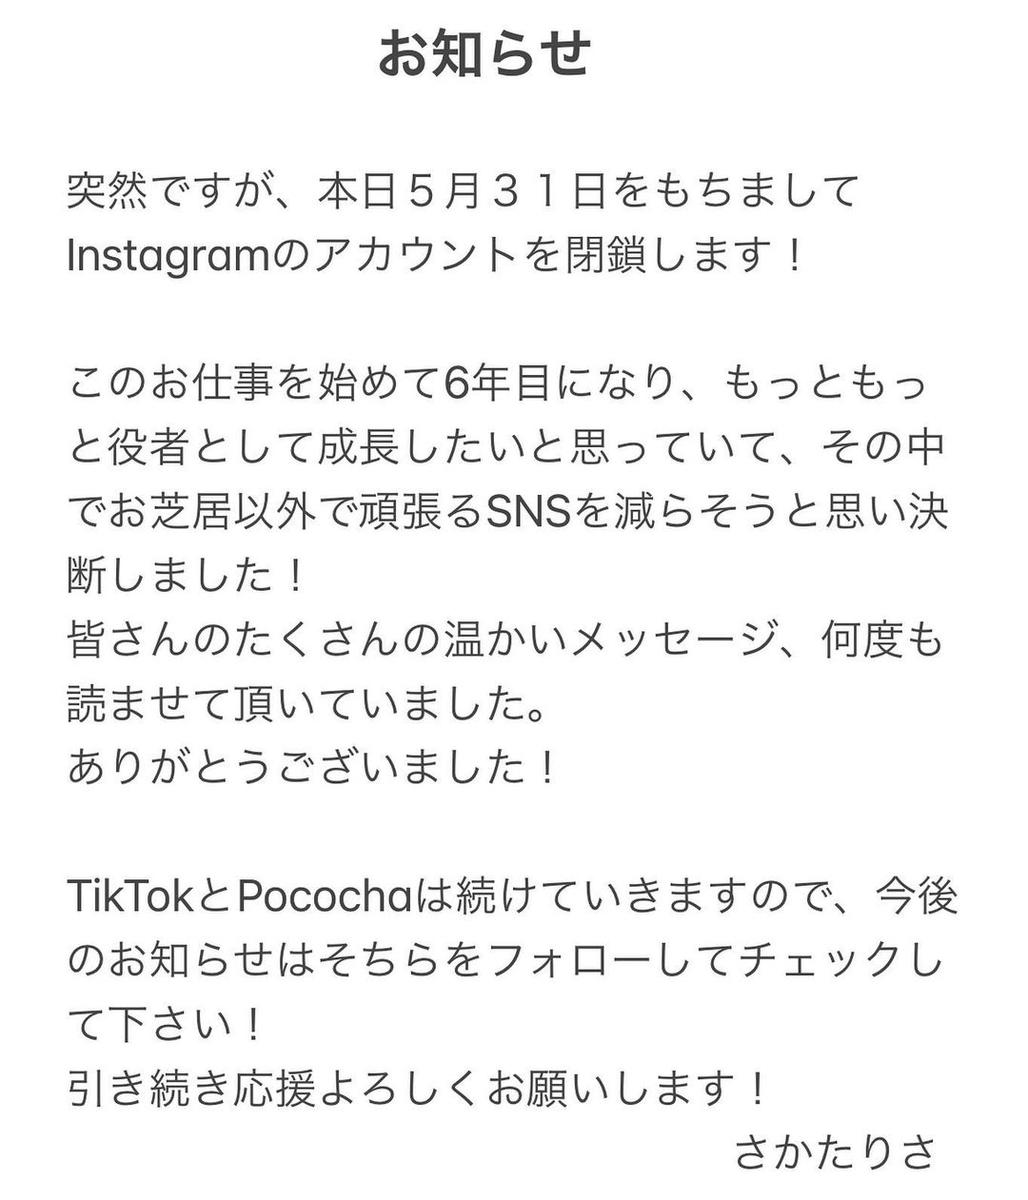 f:id:nurikabe-risakata:20210601164638j:plain